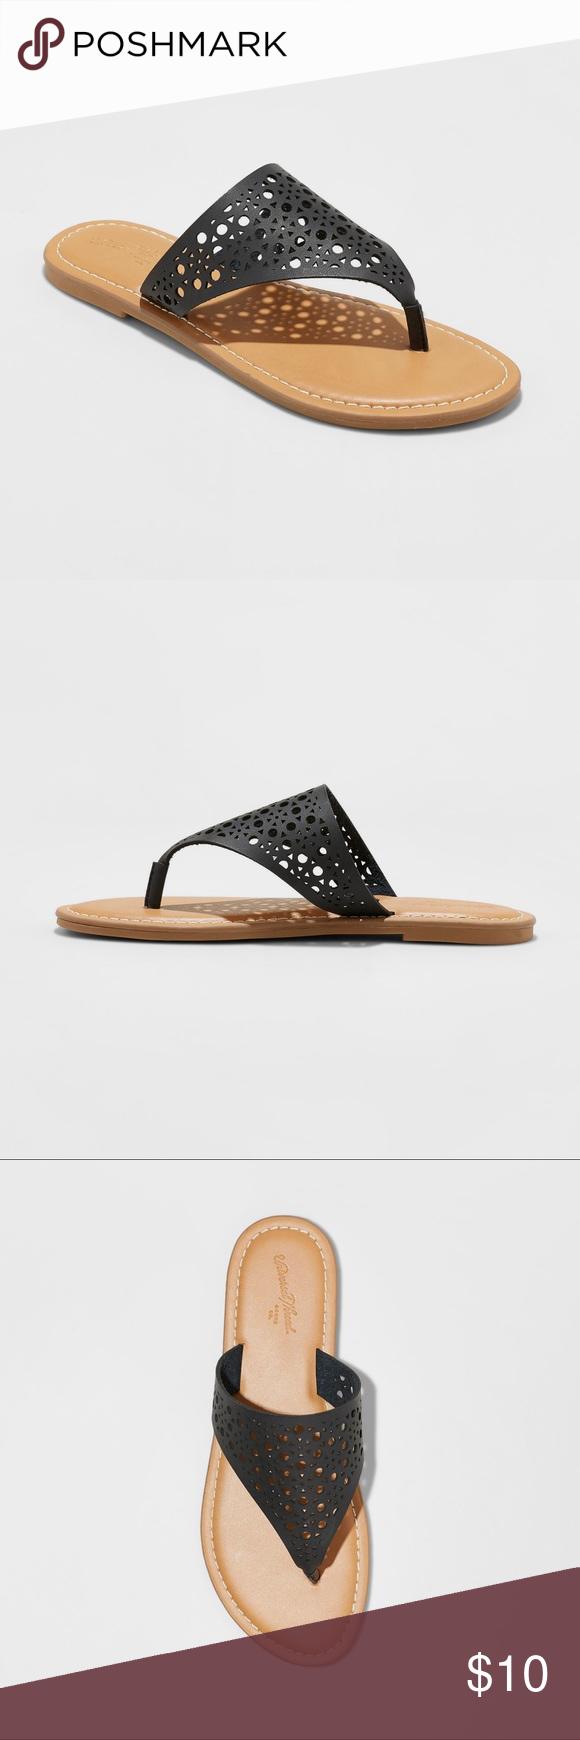 09e9a401baf Universal Thread  Kessa  Laser Cut Thong Sandals Universal Thread sandals  with a flat heel